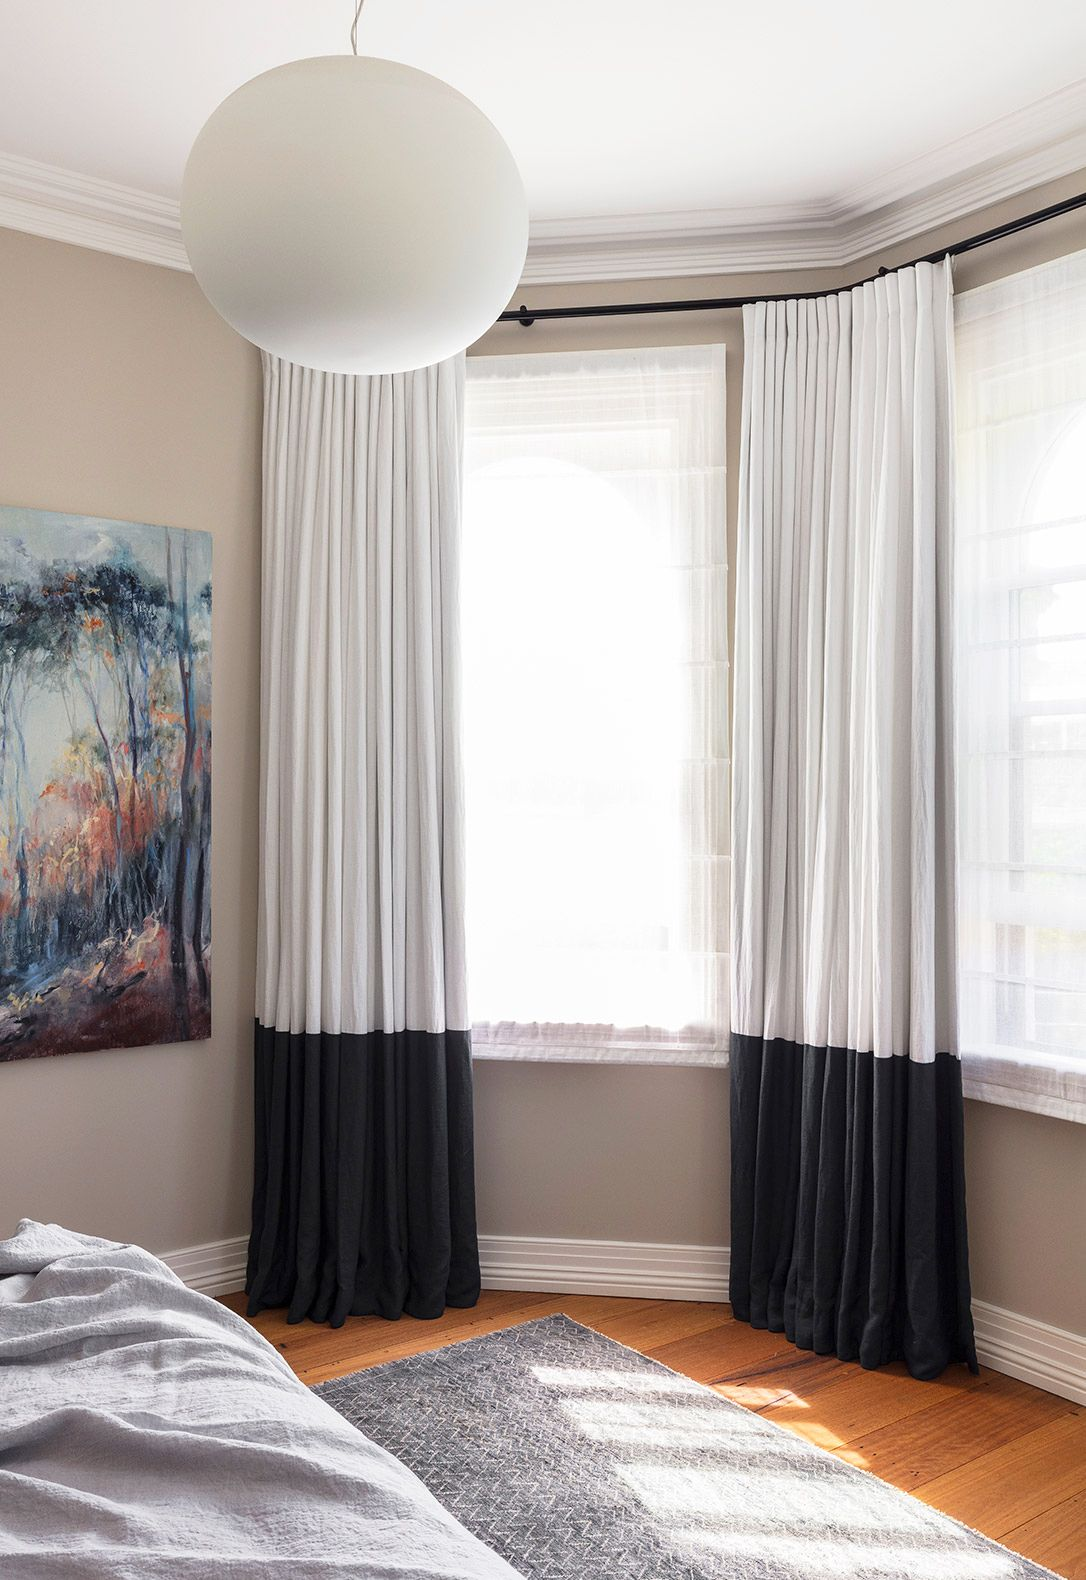 House Beautiful & 35 Best Window Treatment Ideas - Modern Window Coverings ...